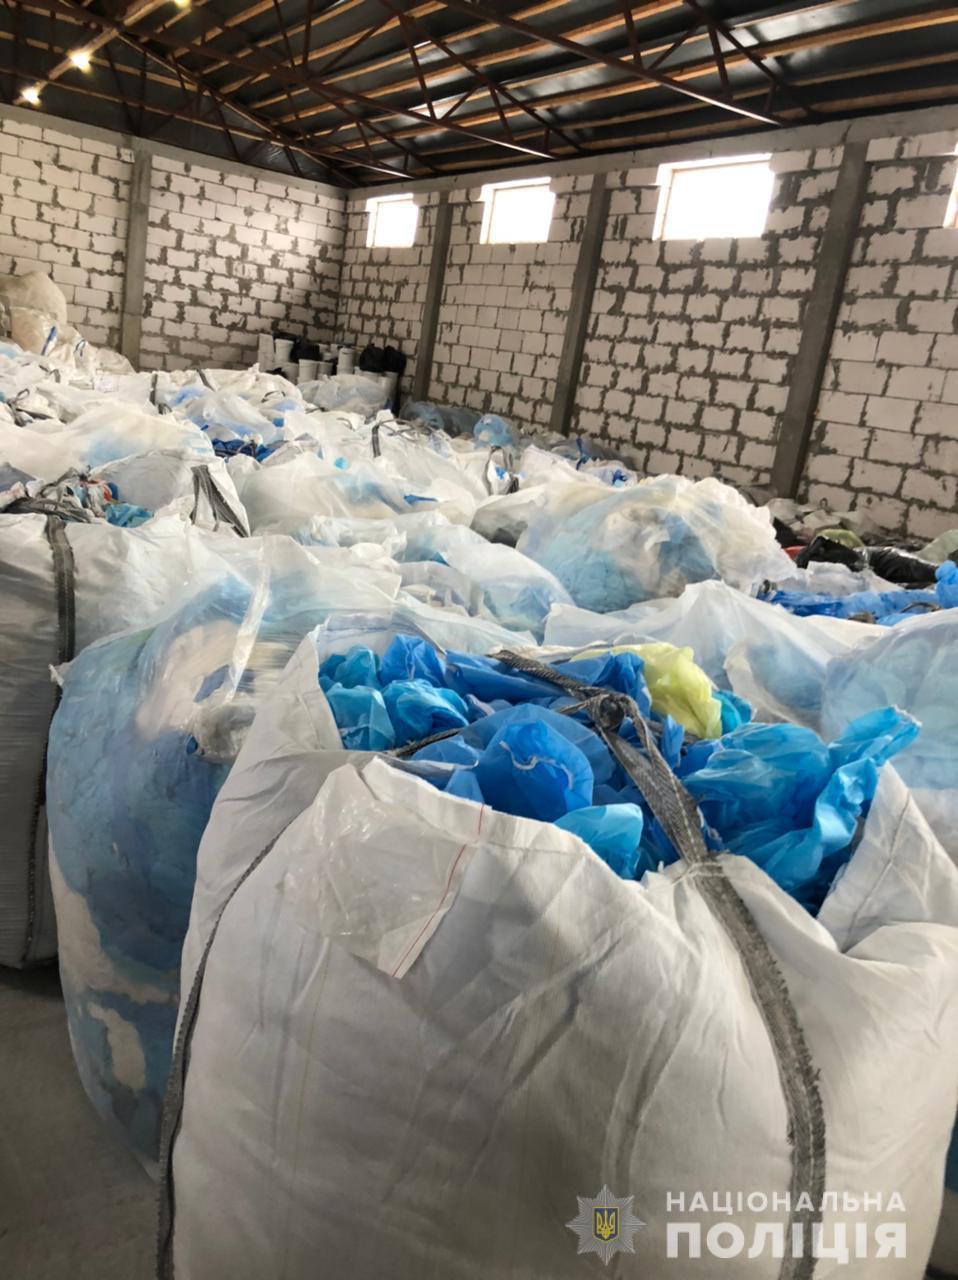 В Украине нашли свалку с тоннами опасных медотходов: в том числе из СОVID-19-лабораторий - фото 5